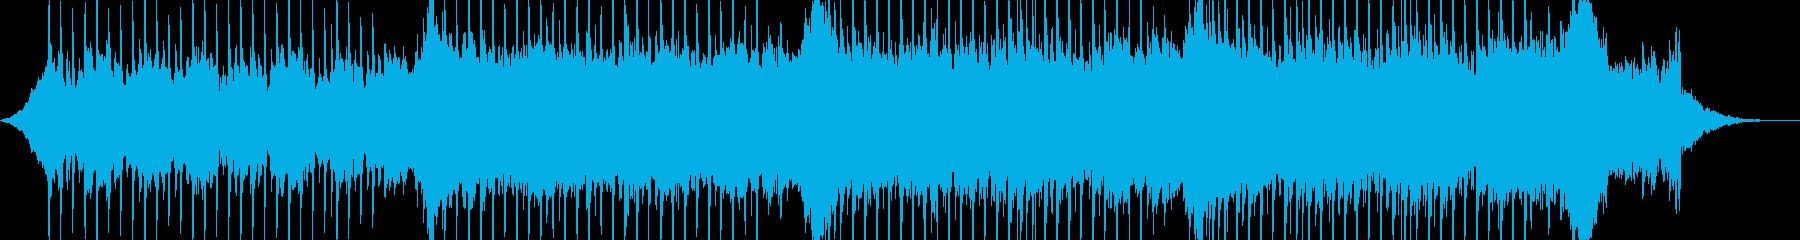 企業VP系45、爽やかギター4つ打ちbの再生済みの波形